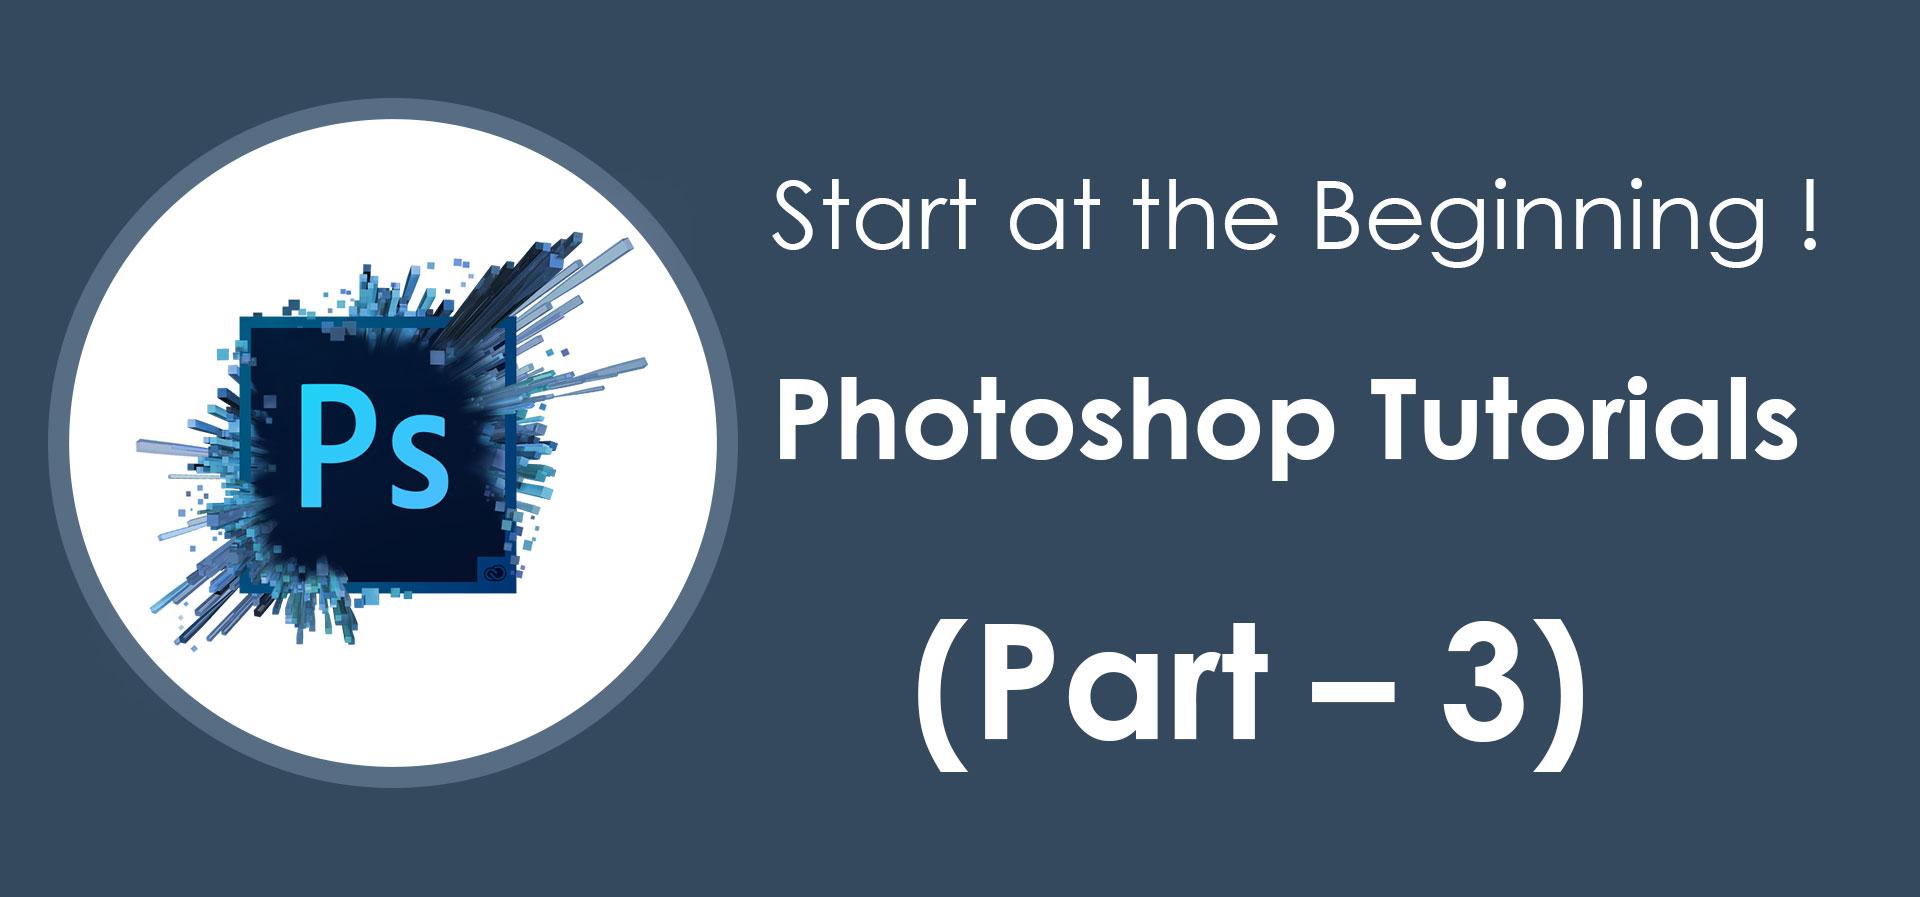 Start-at-the-Beginning-!-Photoshop-Tutorials